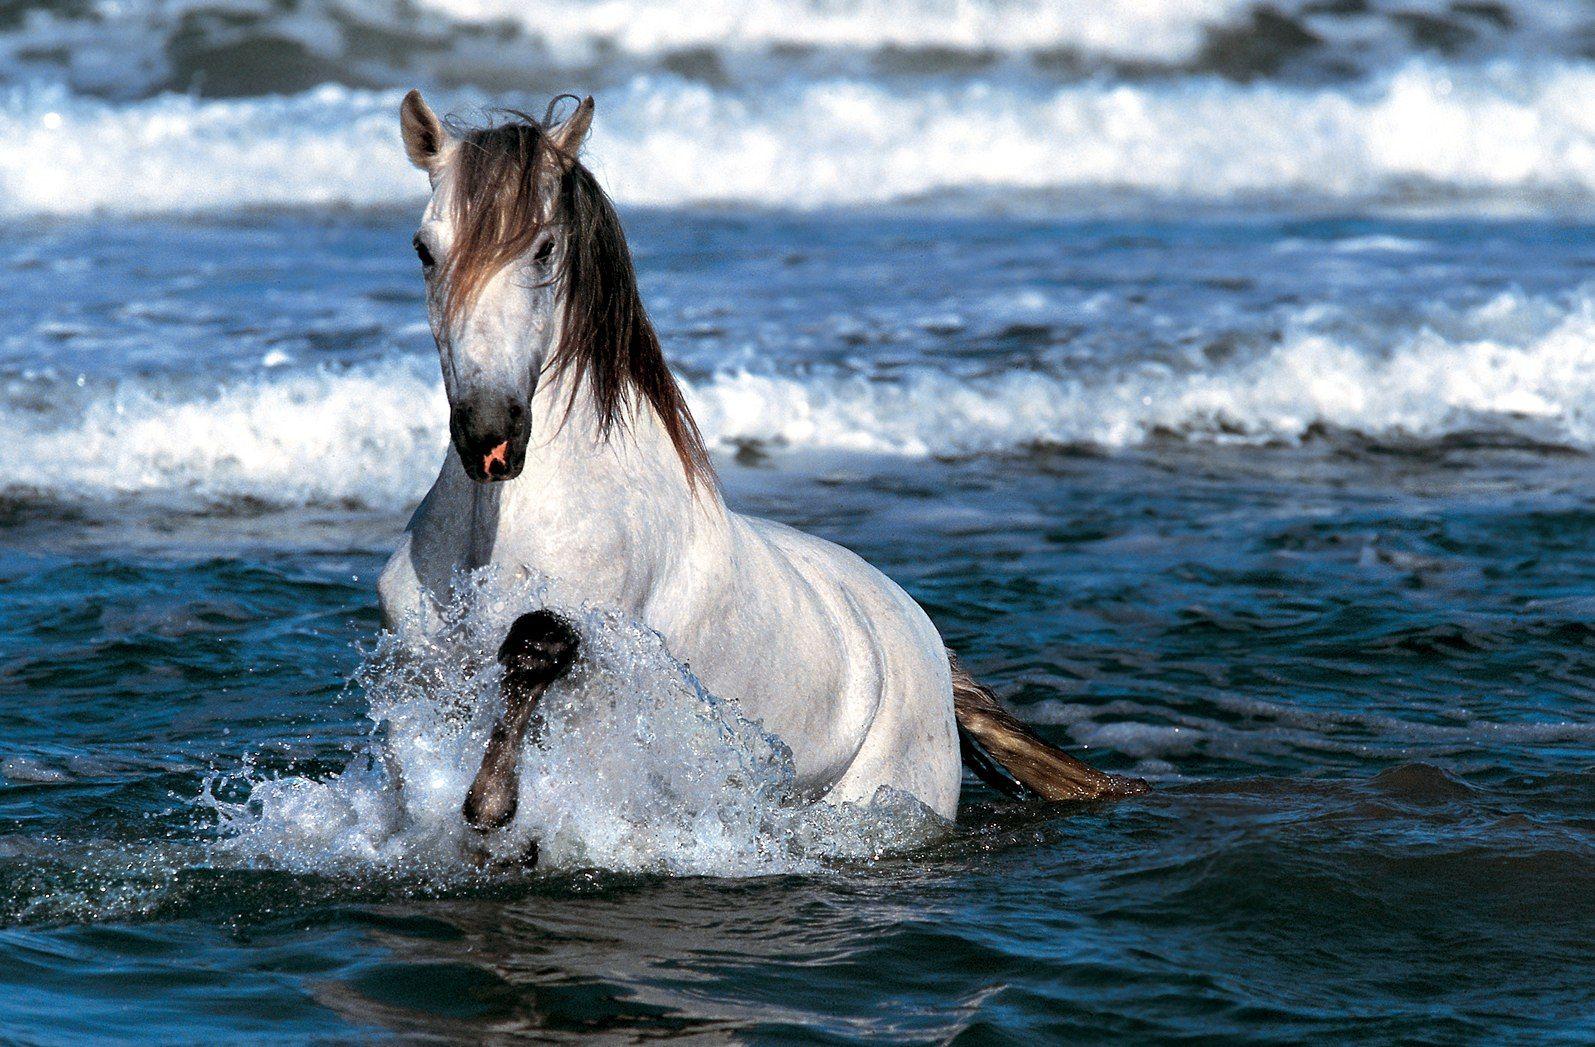 Top Wallpaper Horse Water - 53b87a3c5b104fd8a3f9125cb6bade3d  Snapshot_956387.jpg